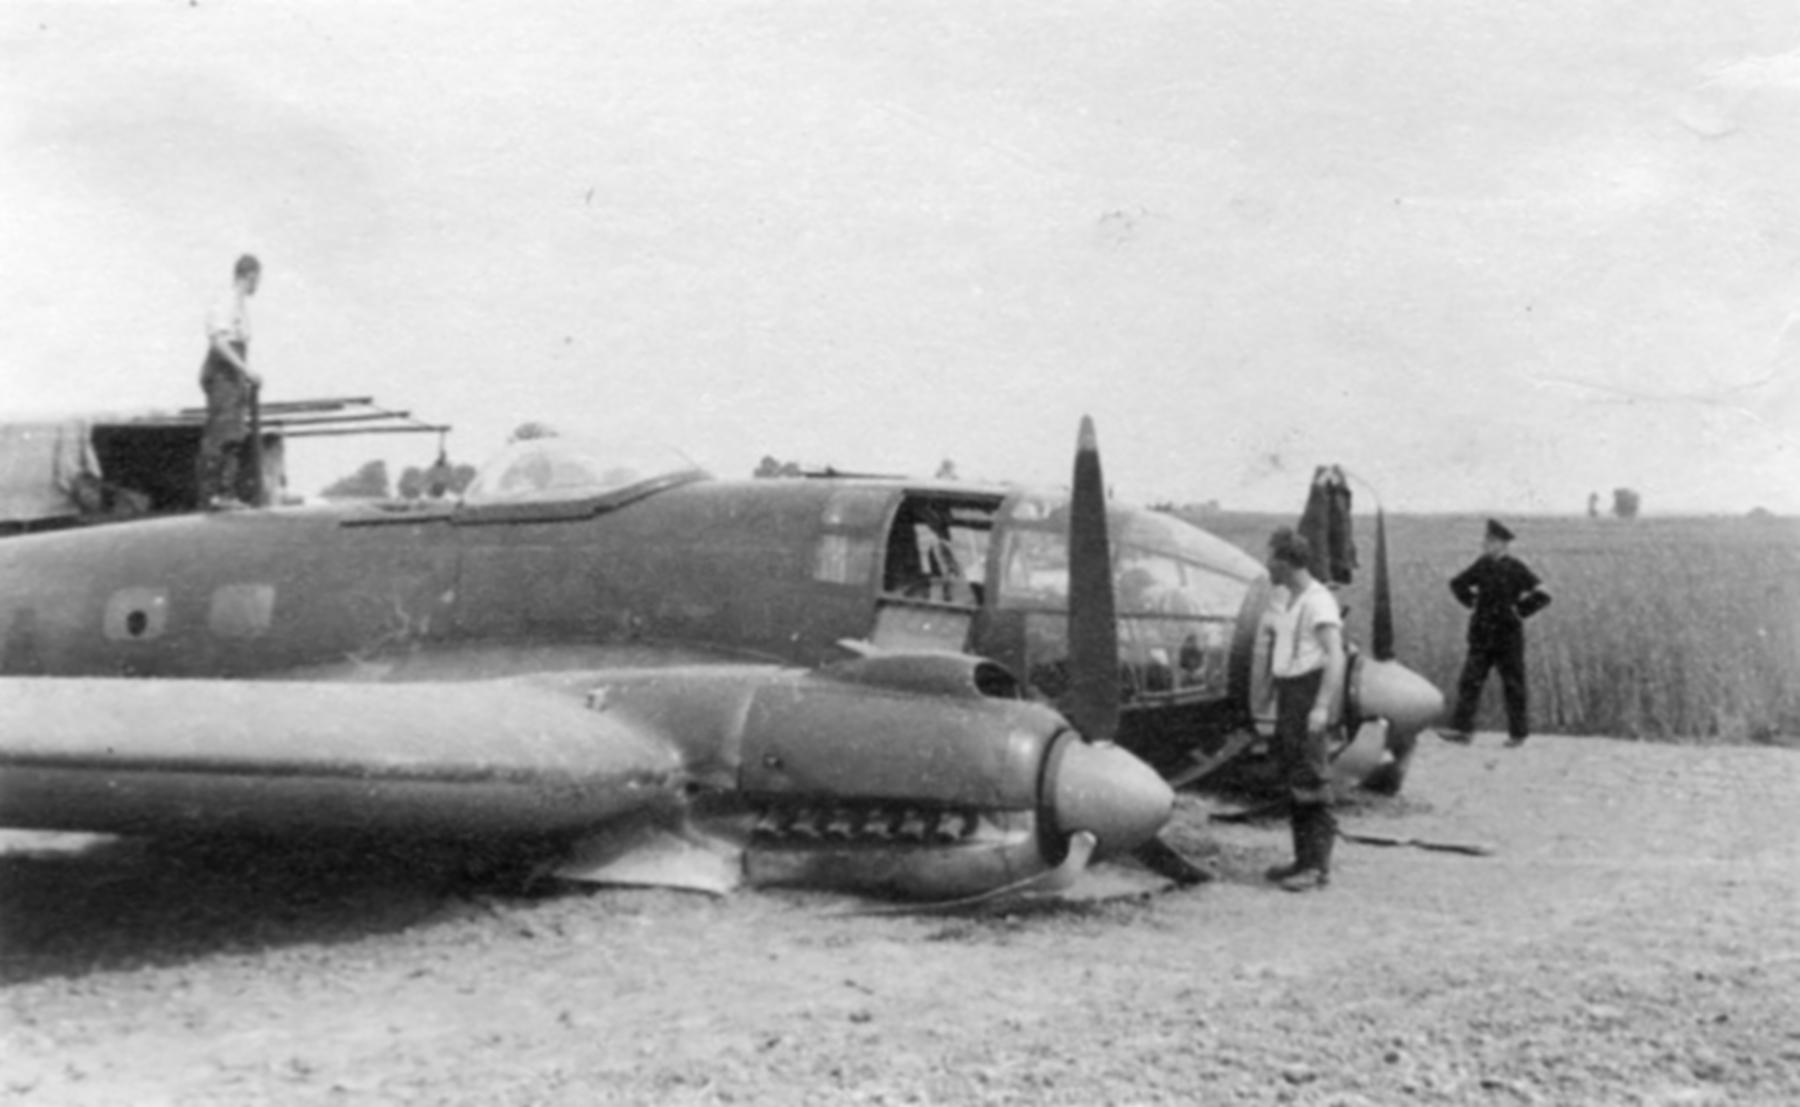 Heinkel He 111 KG27 force landed ebay 01